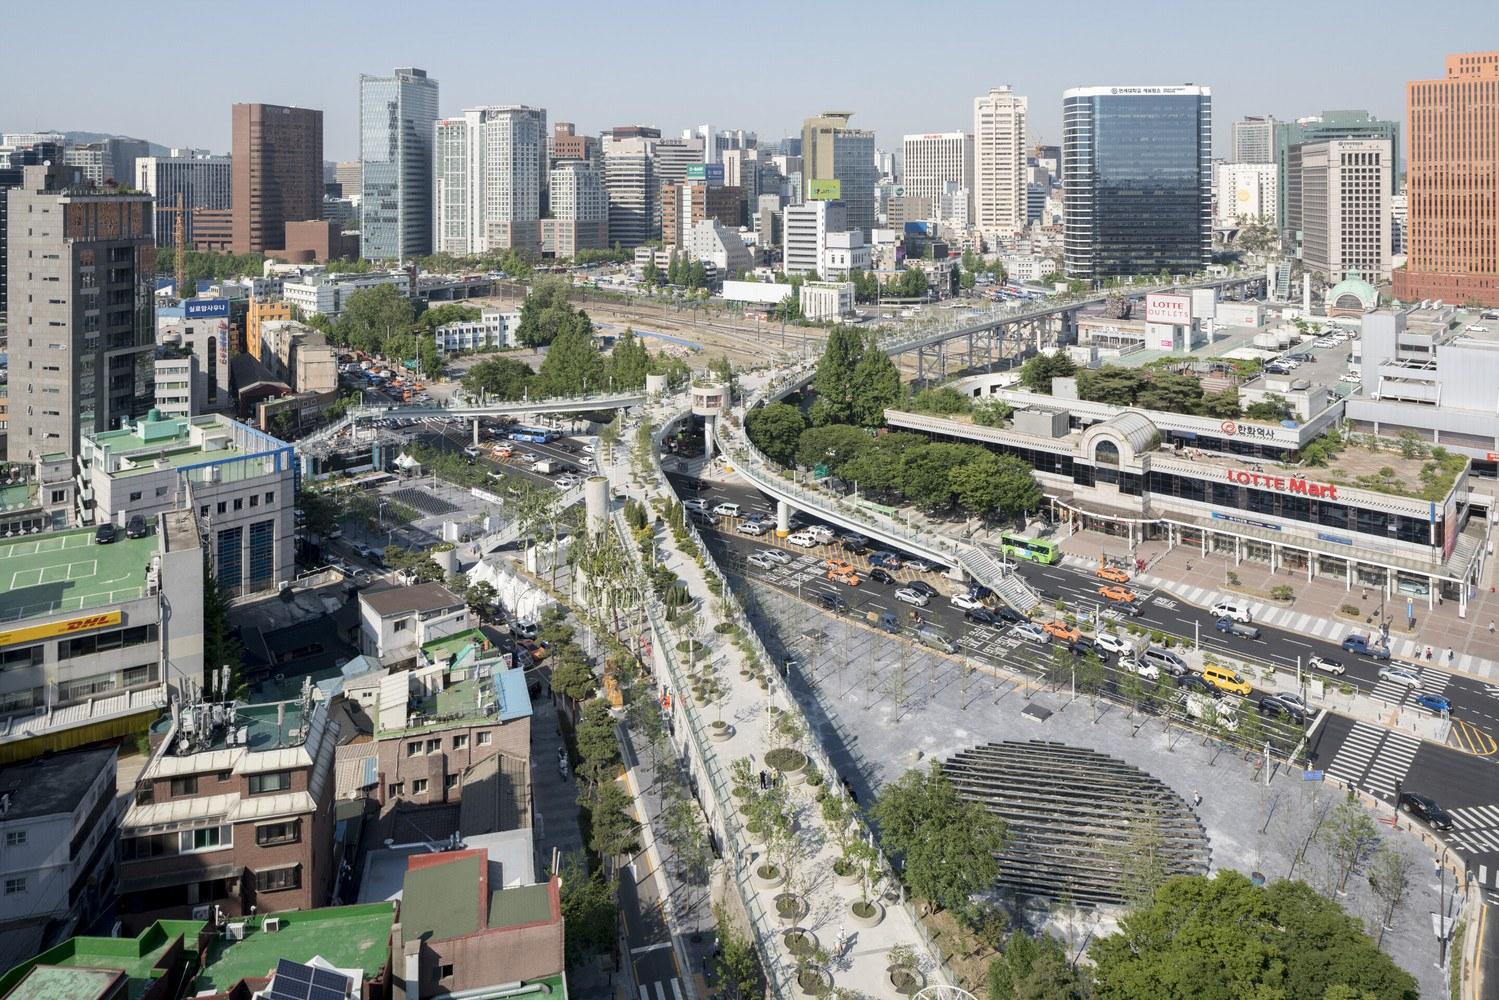 Seoul Sky Park Aerial View